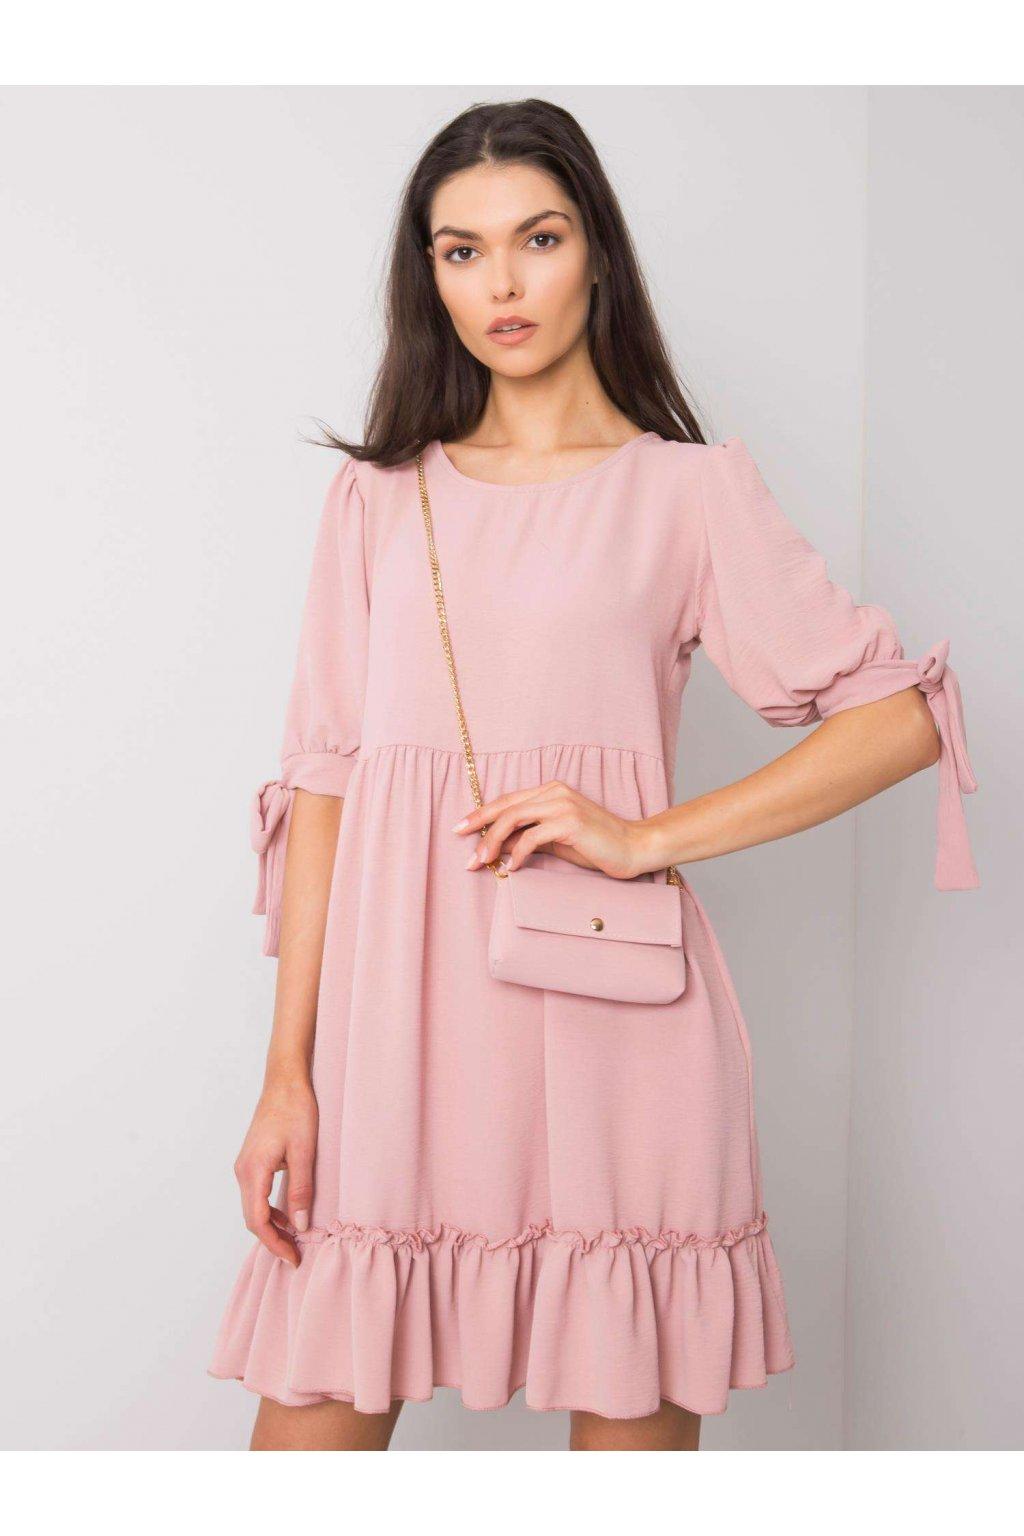 pol pl Rozowa sukienka z torebka Kendra 363660 1